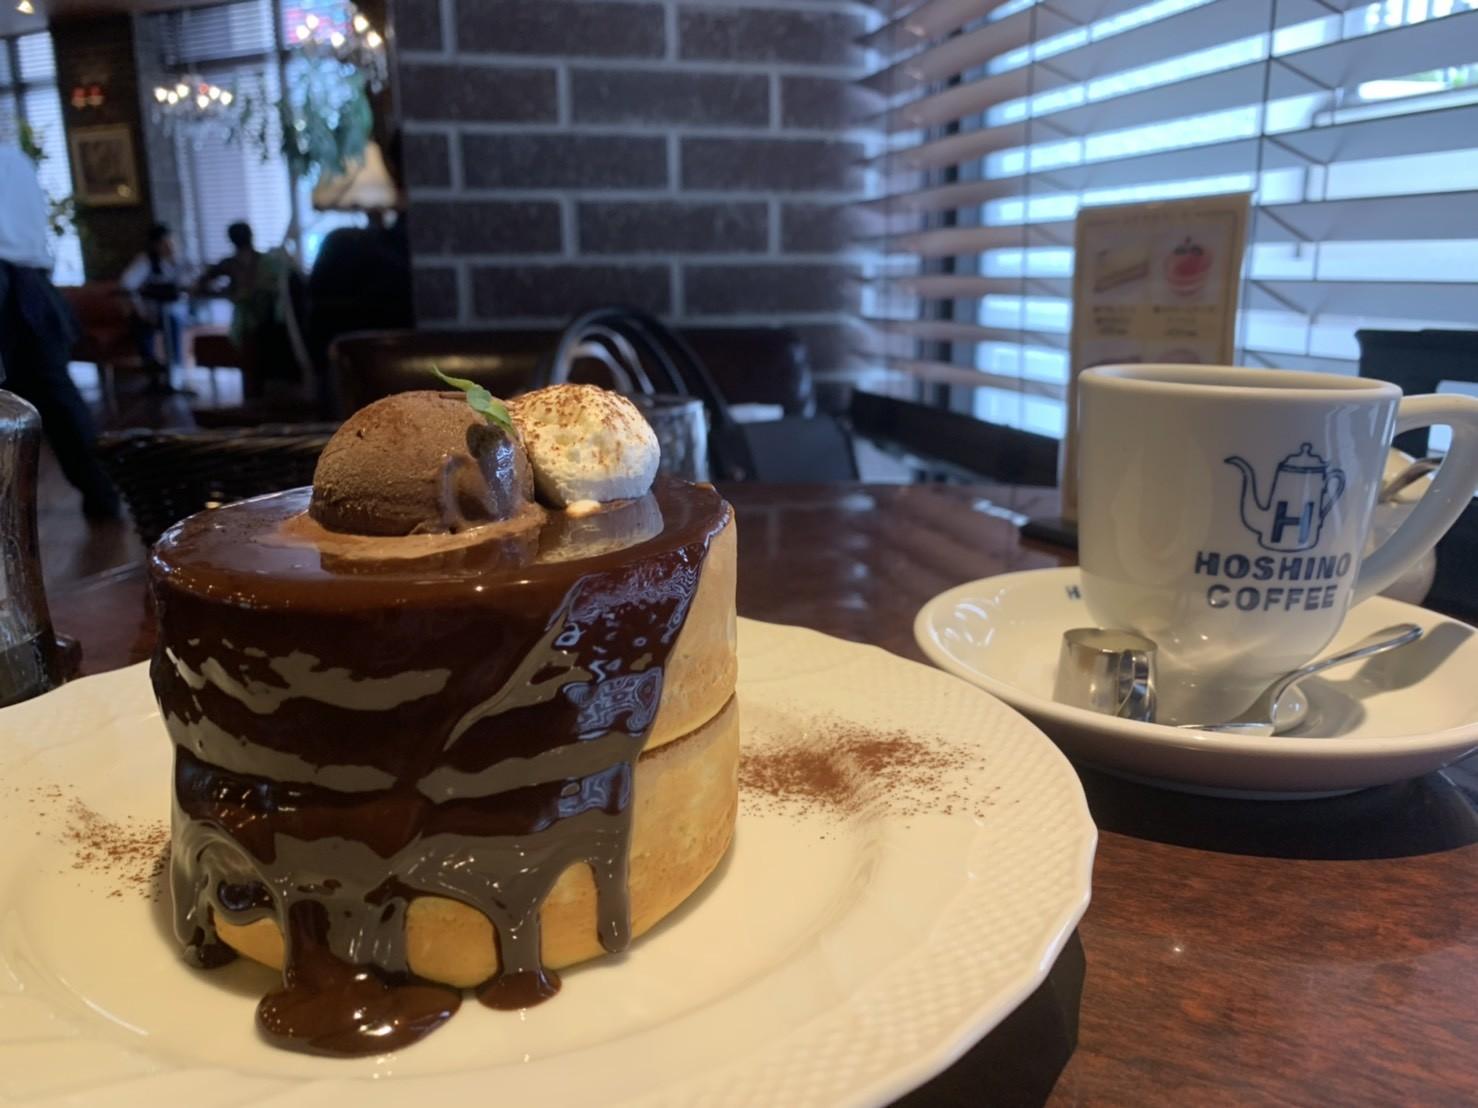 星乃パンケーキの生チョコレートスフレパンケーキ